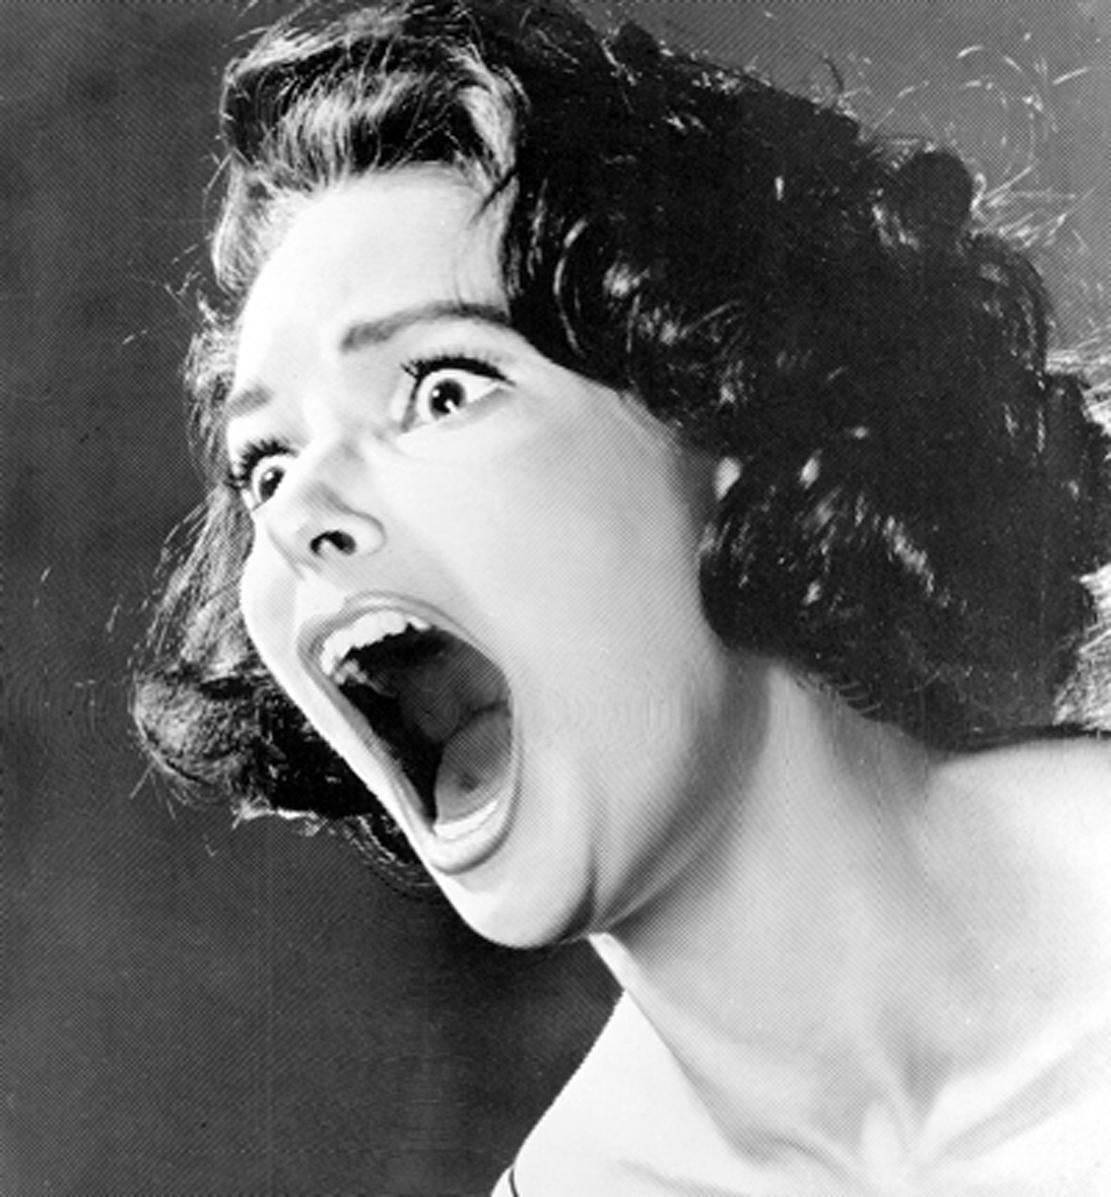 susan strasberg in seth holt�s scream of fear 1961